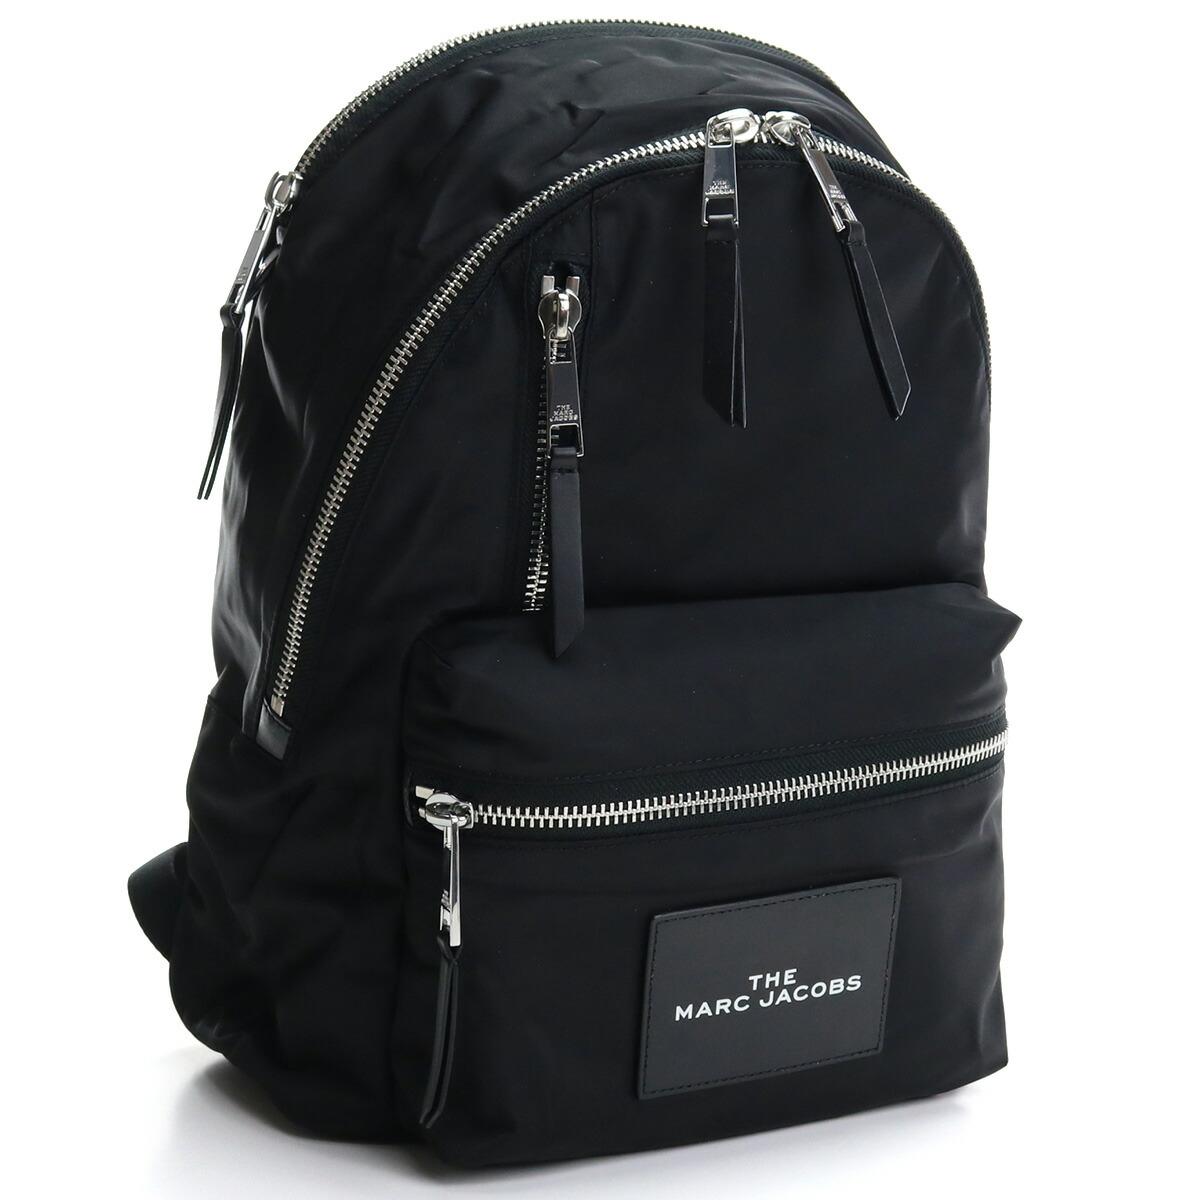 マーク・ジェイコブス MARC JACOBS THE ZIP BACKPACK リュック ブランドリュック H303M02PF21 001 BLACK ブラック bag-01